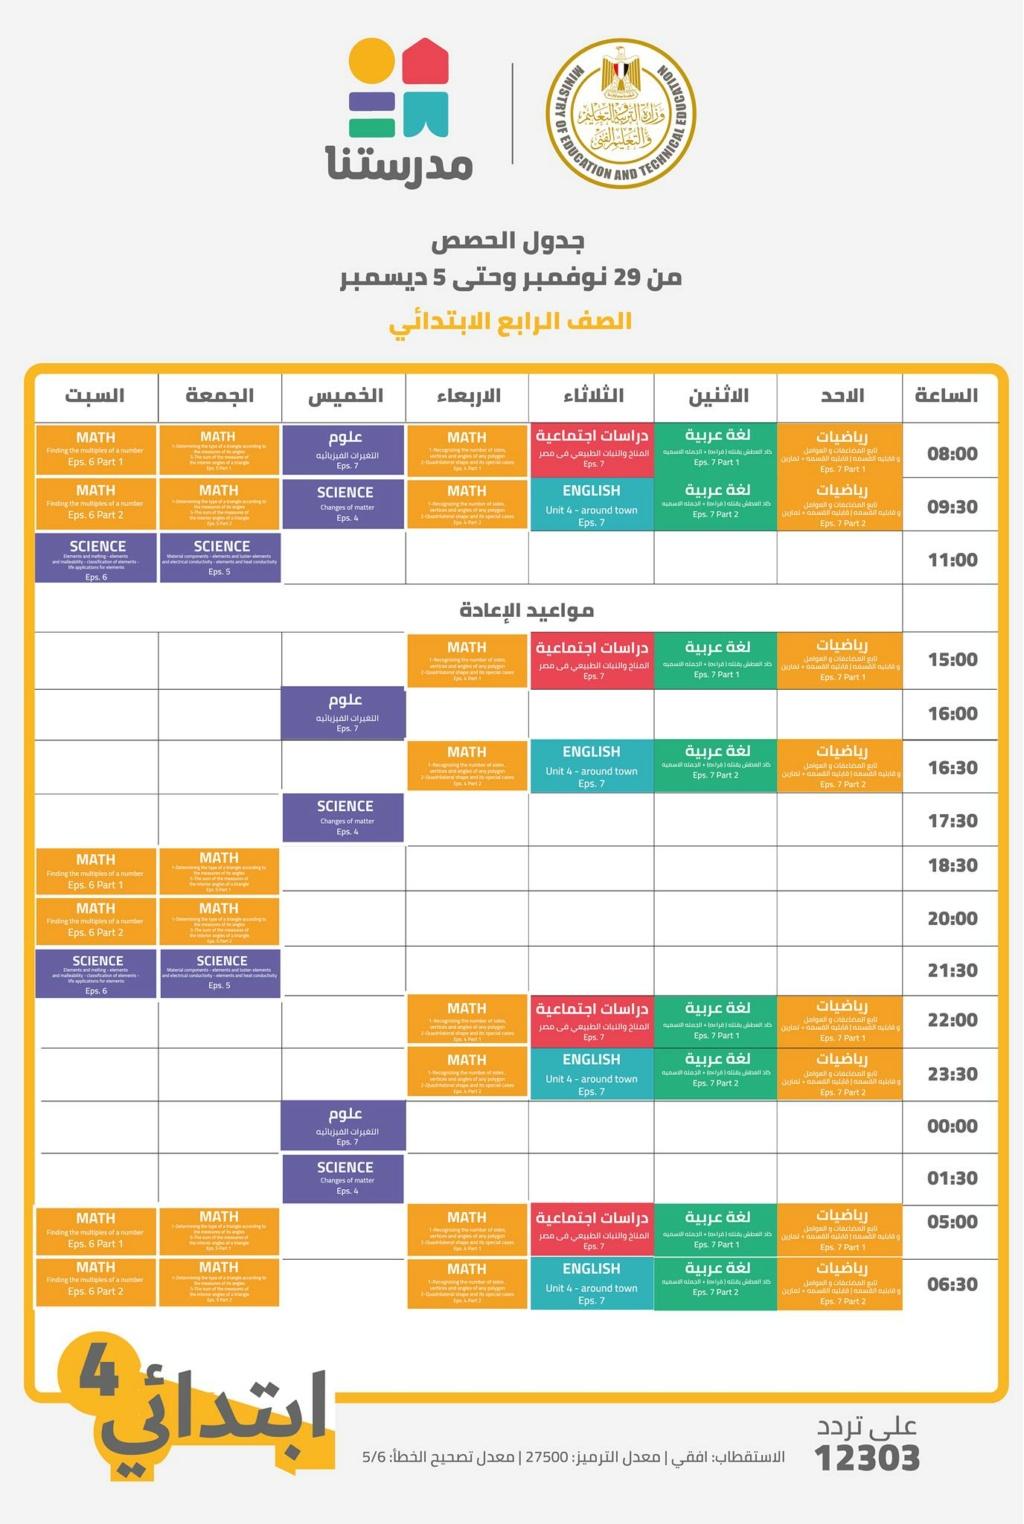 قناة مدرستنا l جدول حصص الأسبوع السابع من الأحد ٢٩ نوفمبر حتى السبت ٥ ديسمبر ٢٠٢٠ 41480